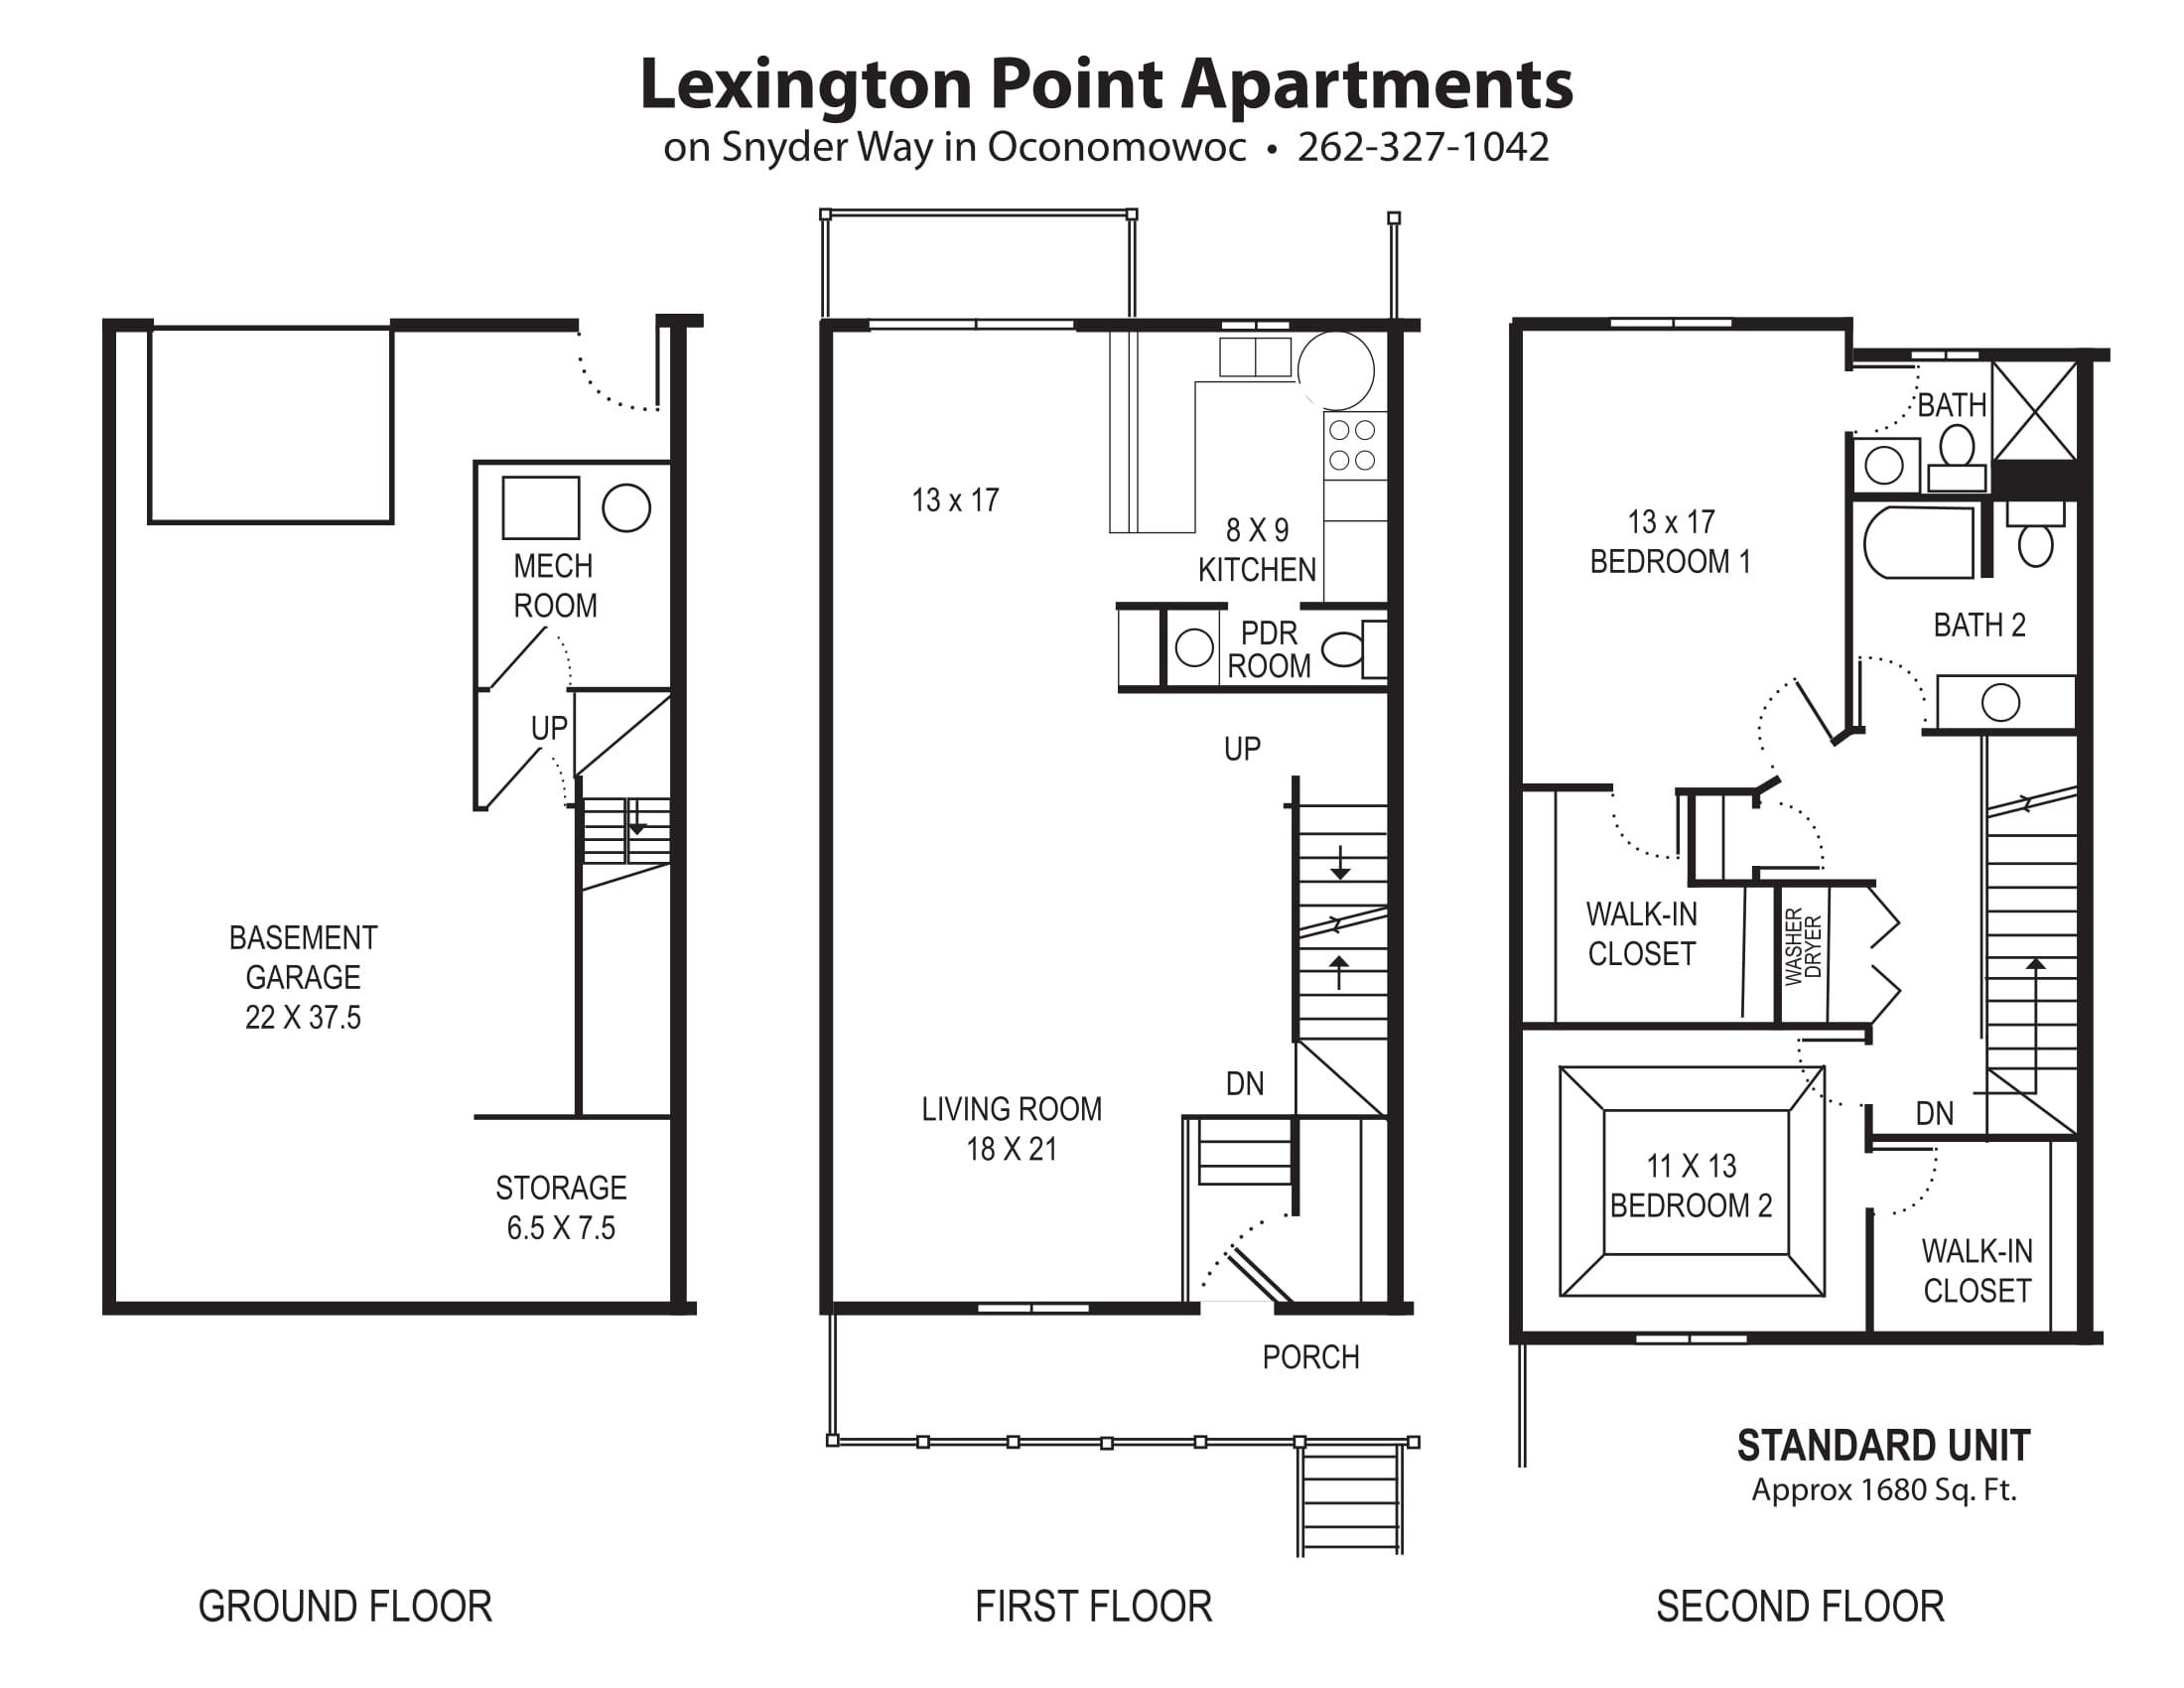 Lexington Point Apartments image 8